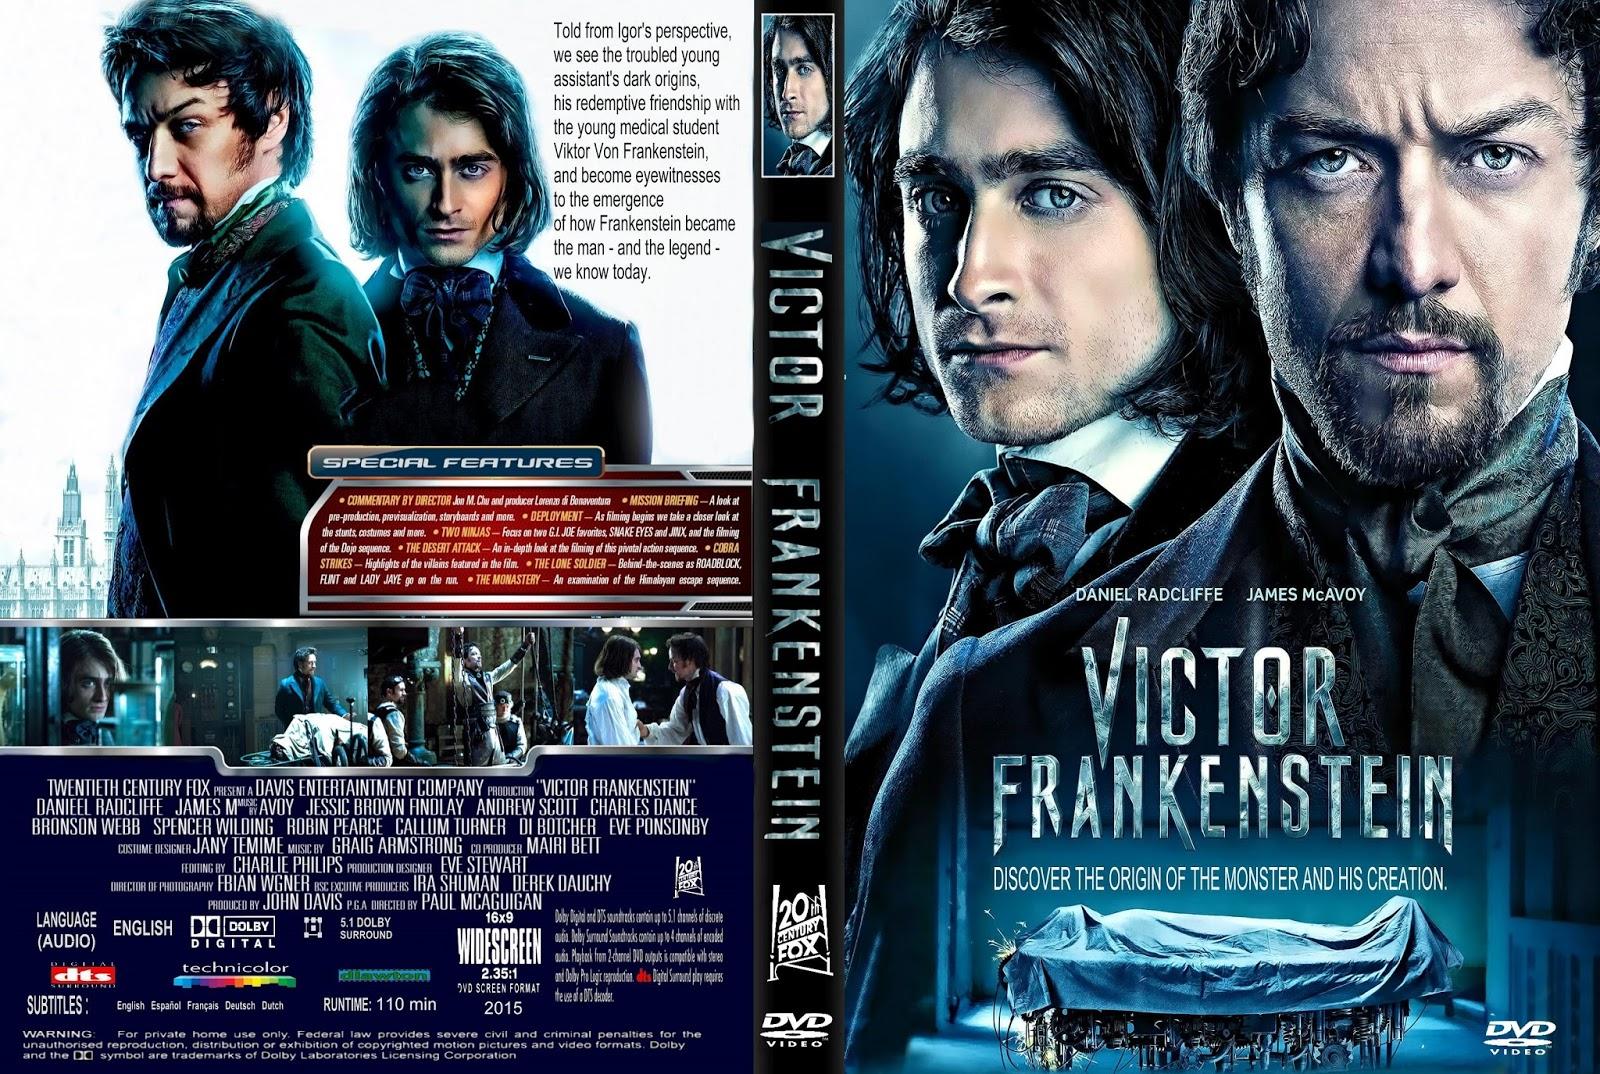 Victor Frankenstein BDRip XviD Dual Áudio Victor 2BFrankenstein 2B  2BXANDAODOWNLOAD